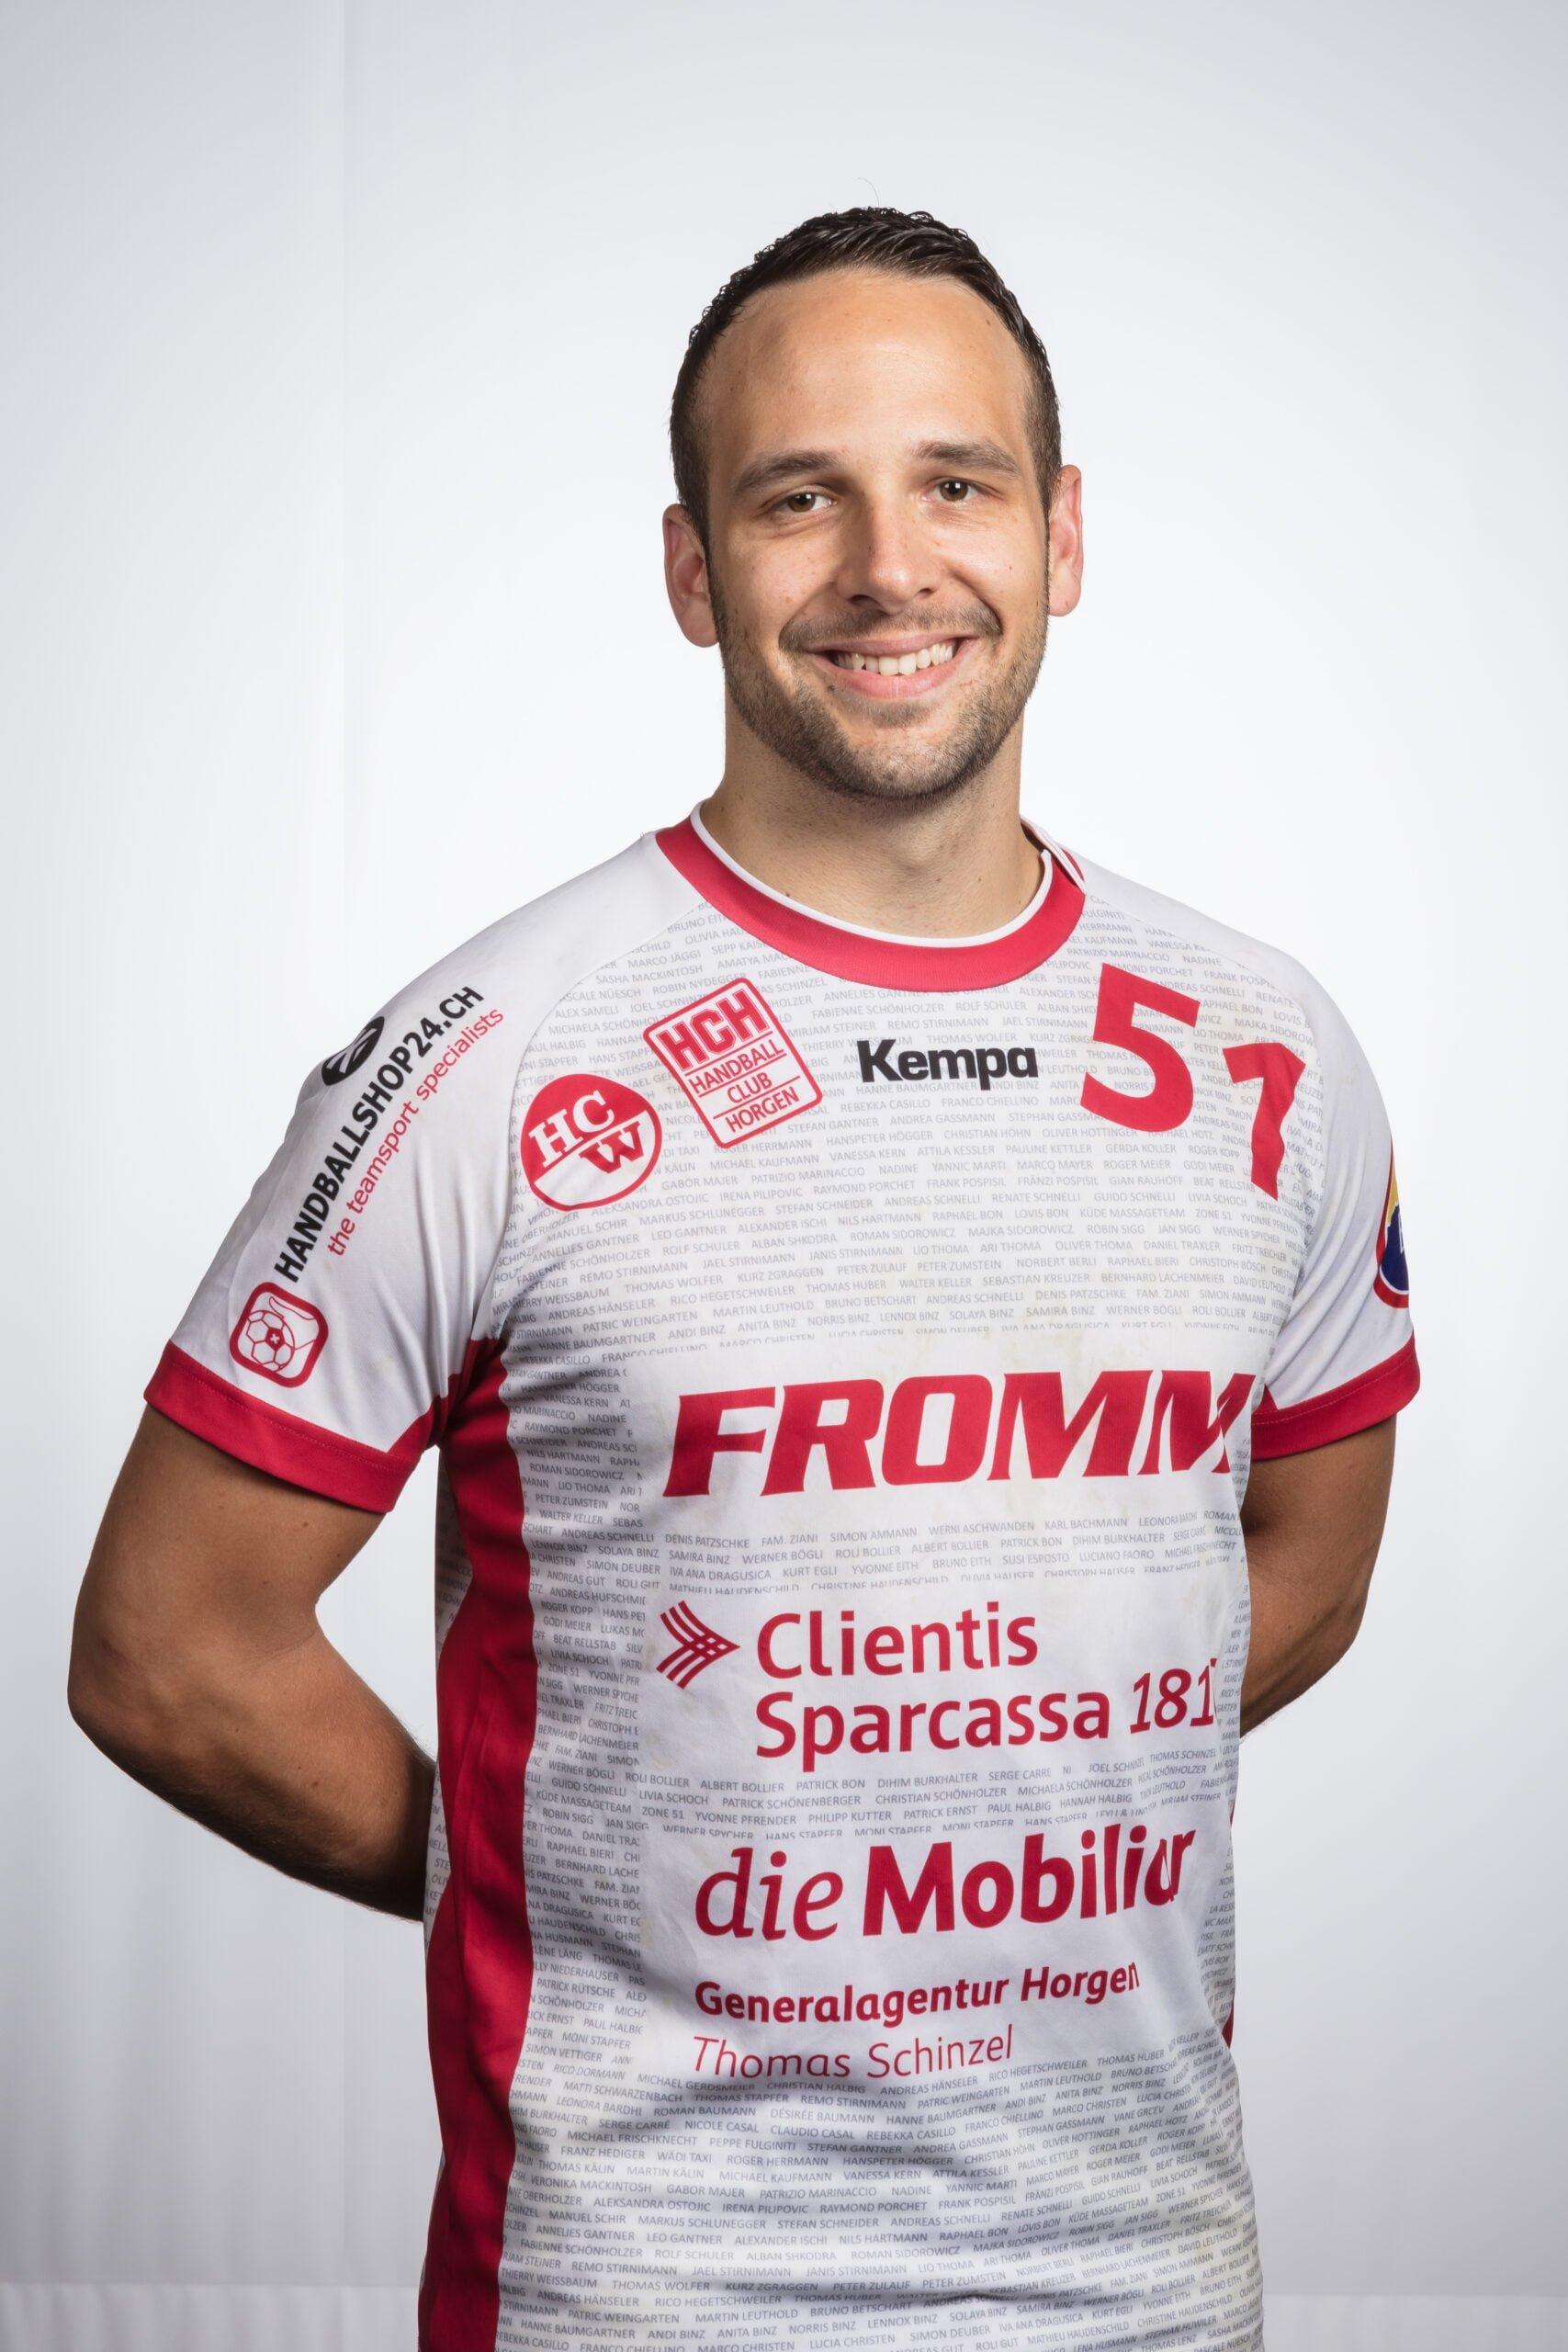 Adrian Karlen